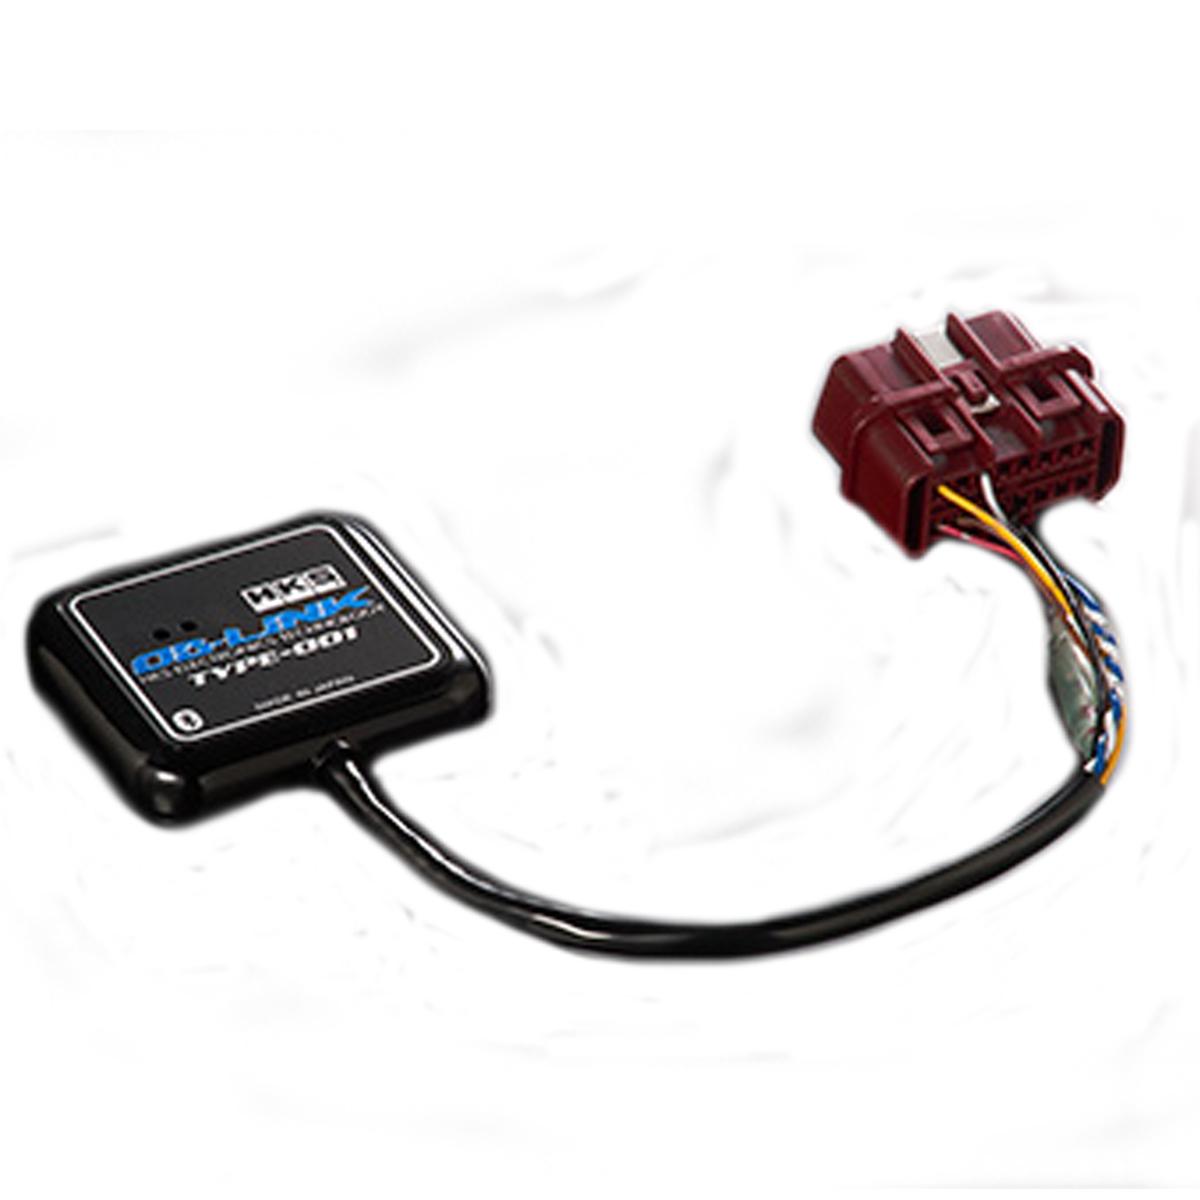 ステージア モニター OBリンク タイプ 001 NM35 HKS 44009-AK002 エレクトリニクス 個人宅発送追金有